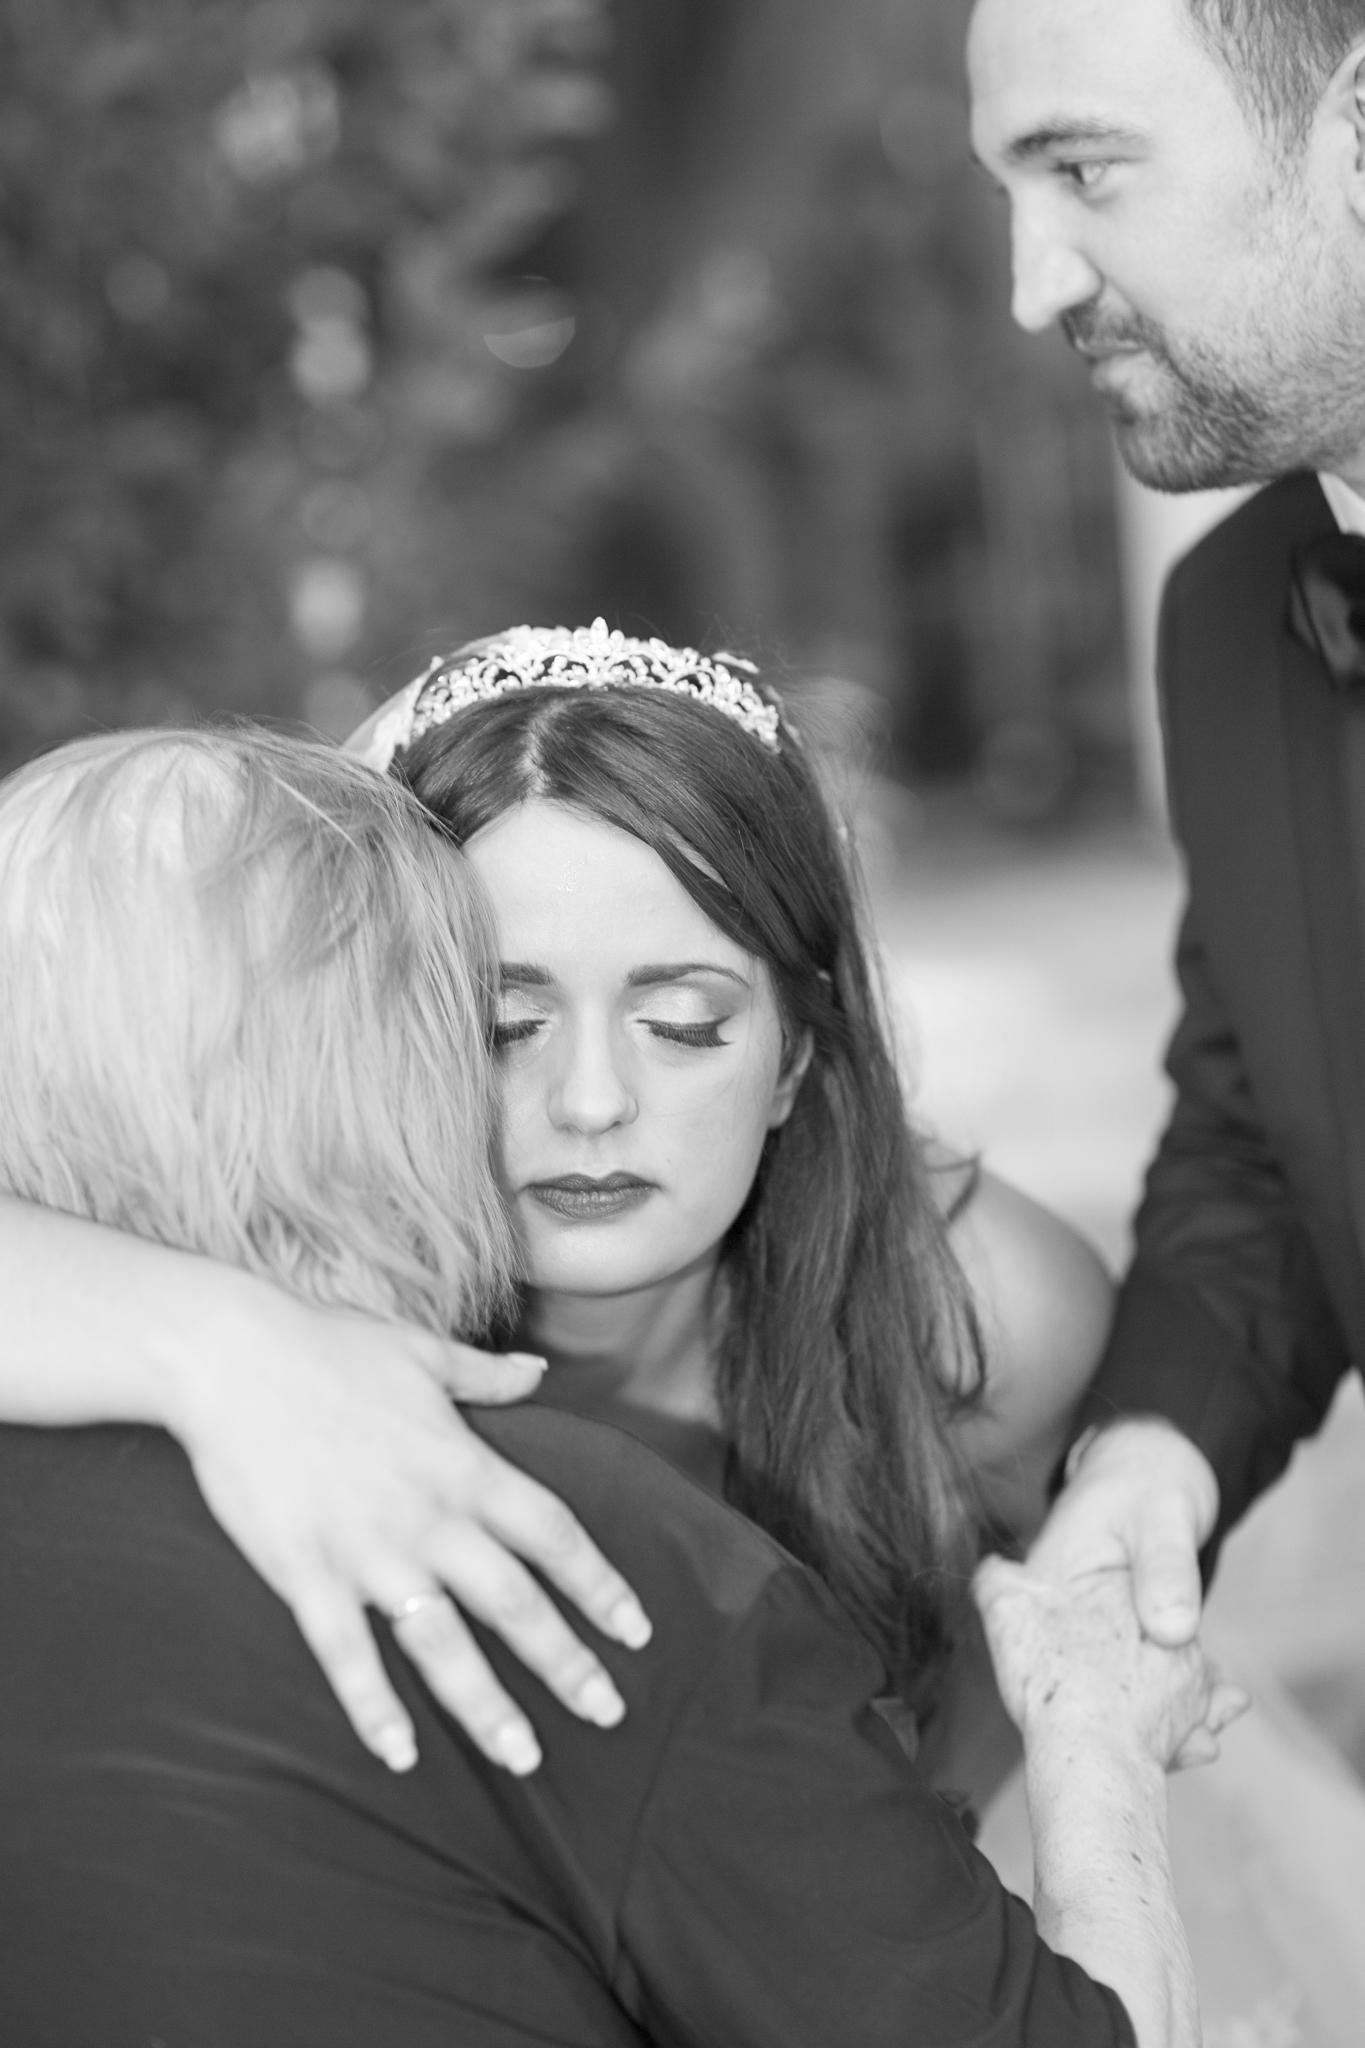 φωτογραφος εναλλακτικων γαμων